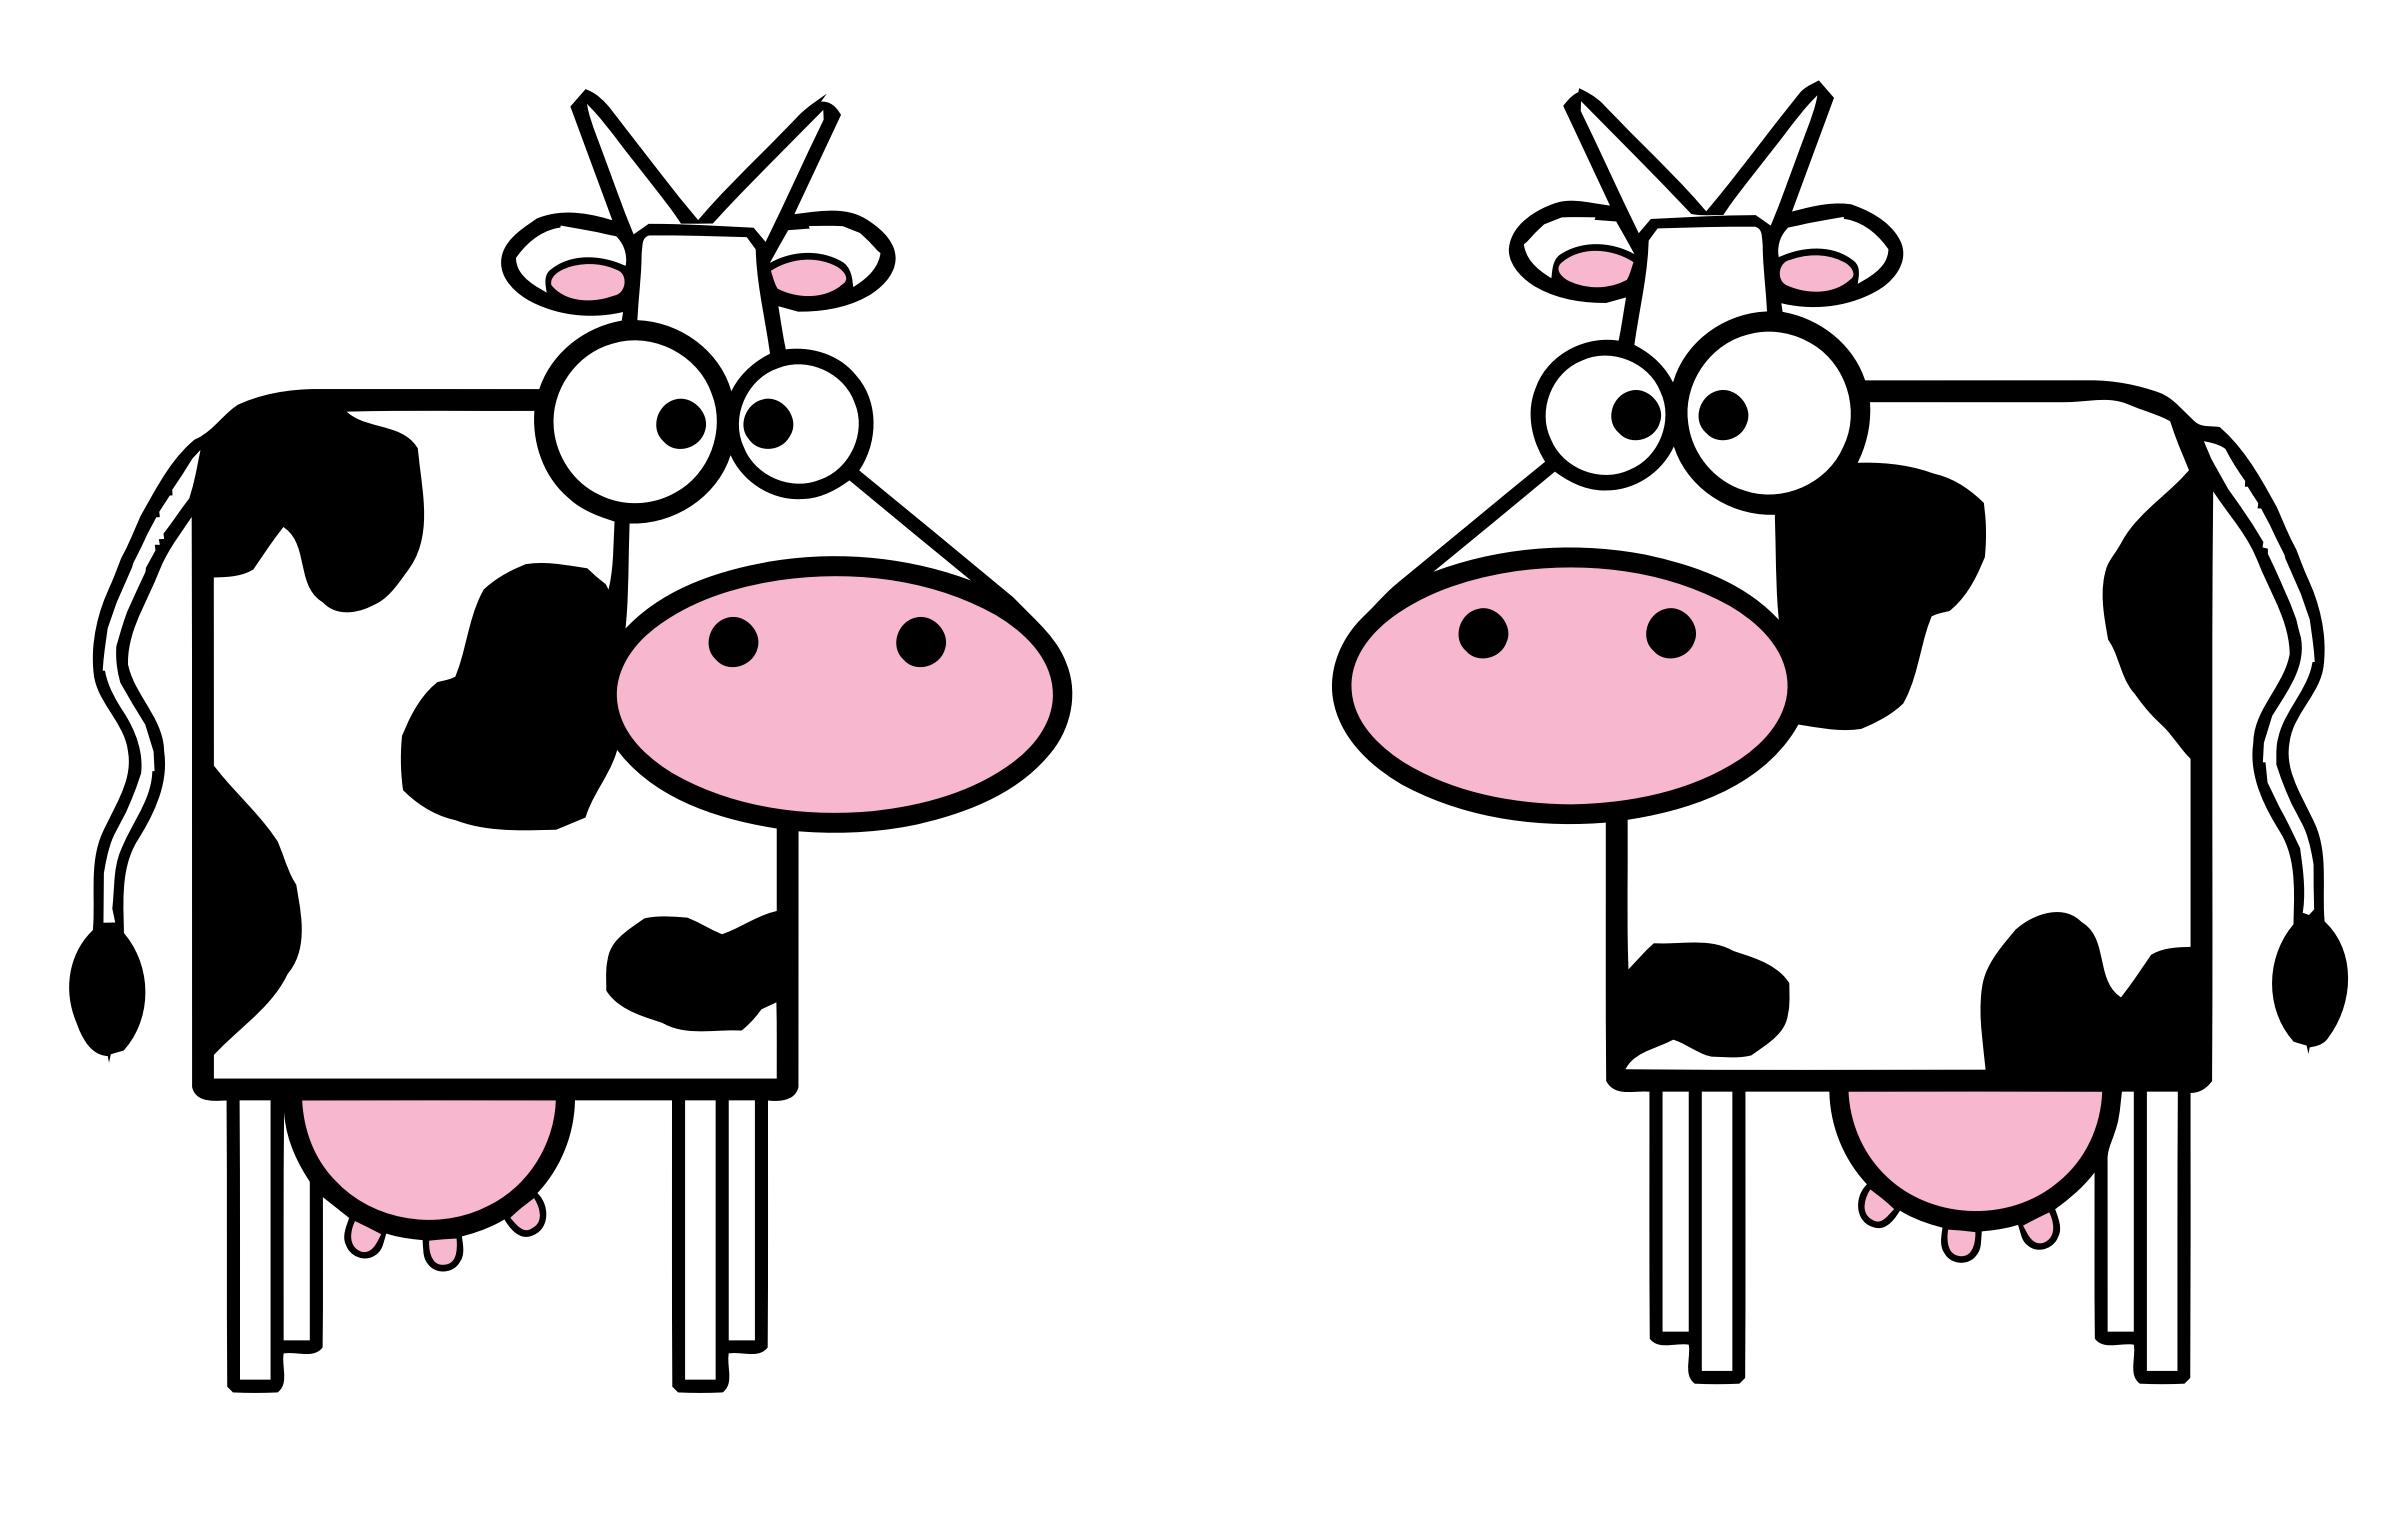 Cows by @CandyAdams, 2 Black.